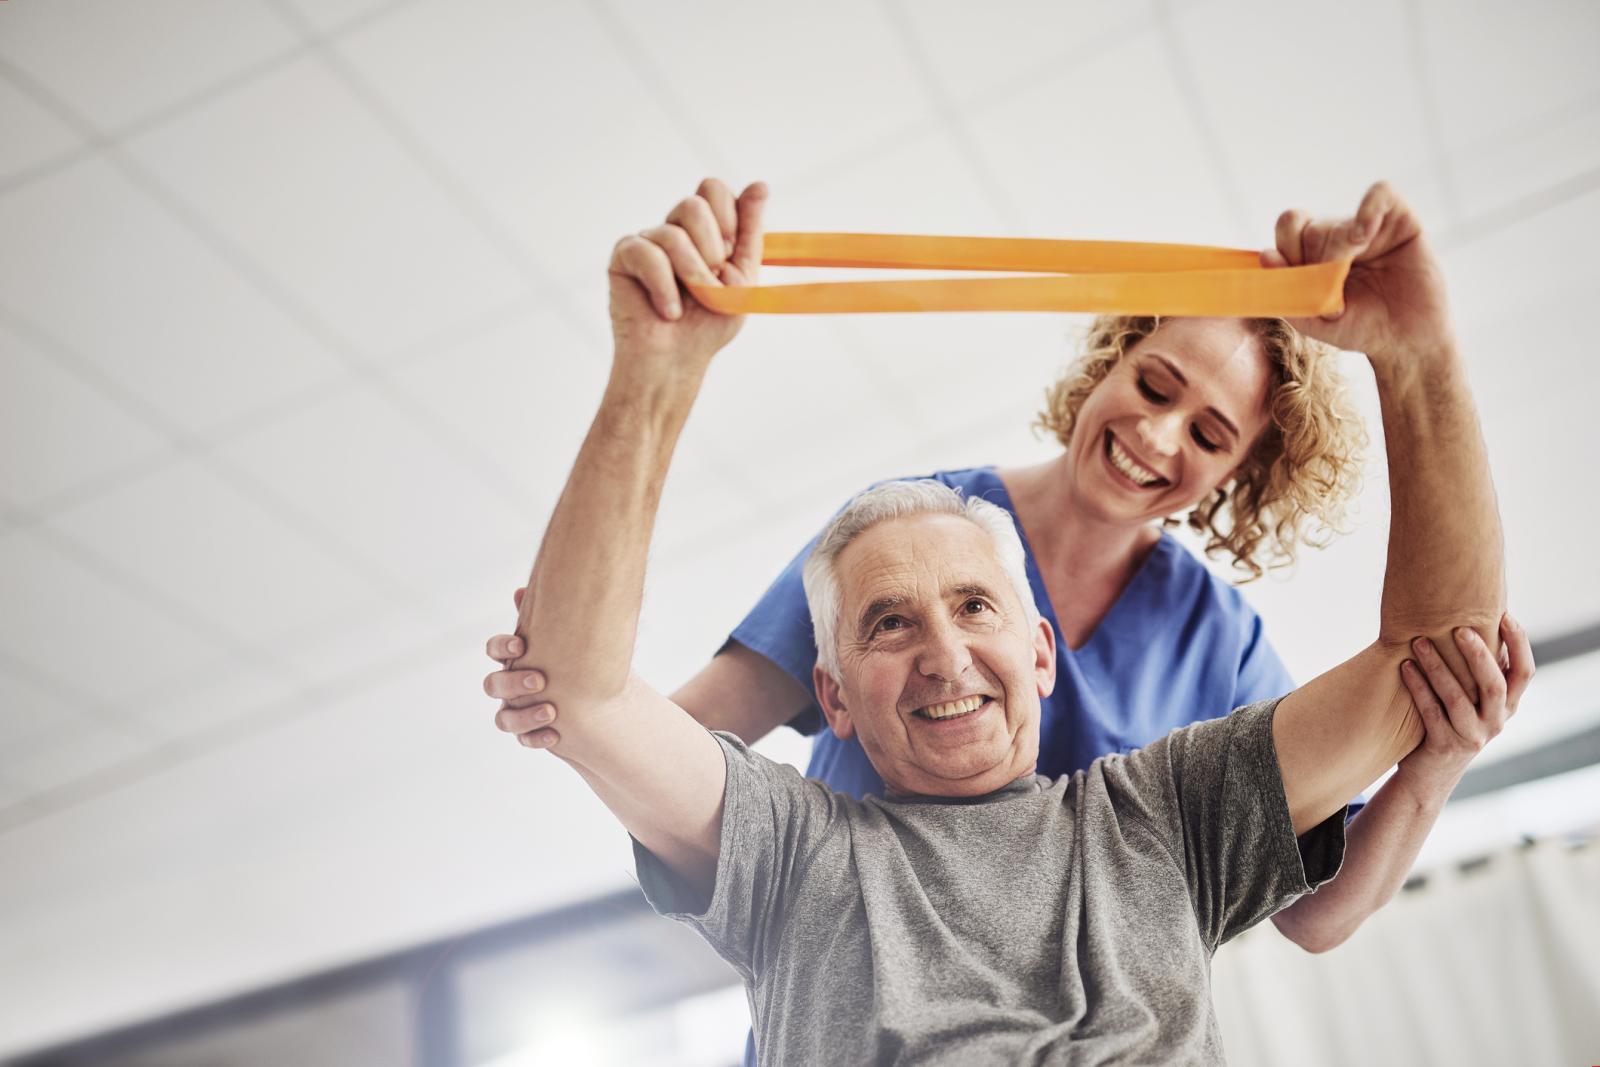 Na vrhuncu spastičnosti i boli preporučuju se laganije vježbe.